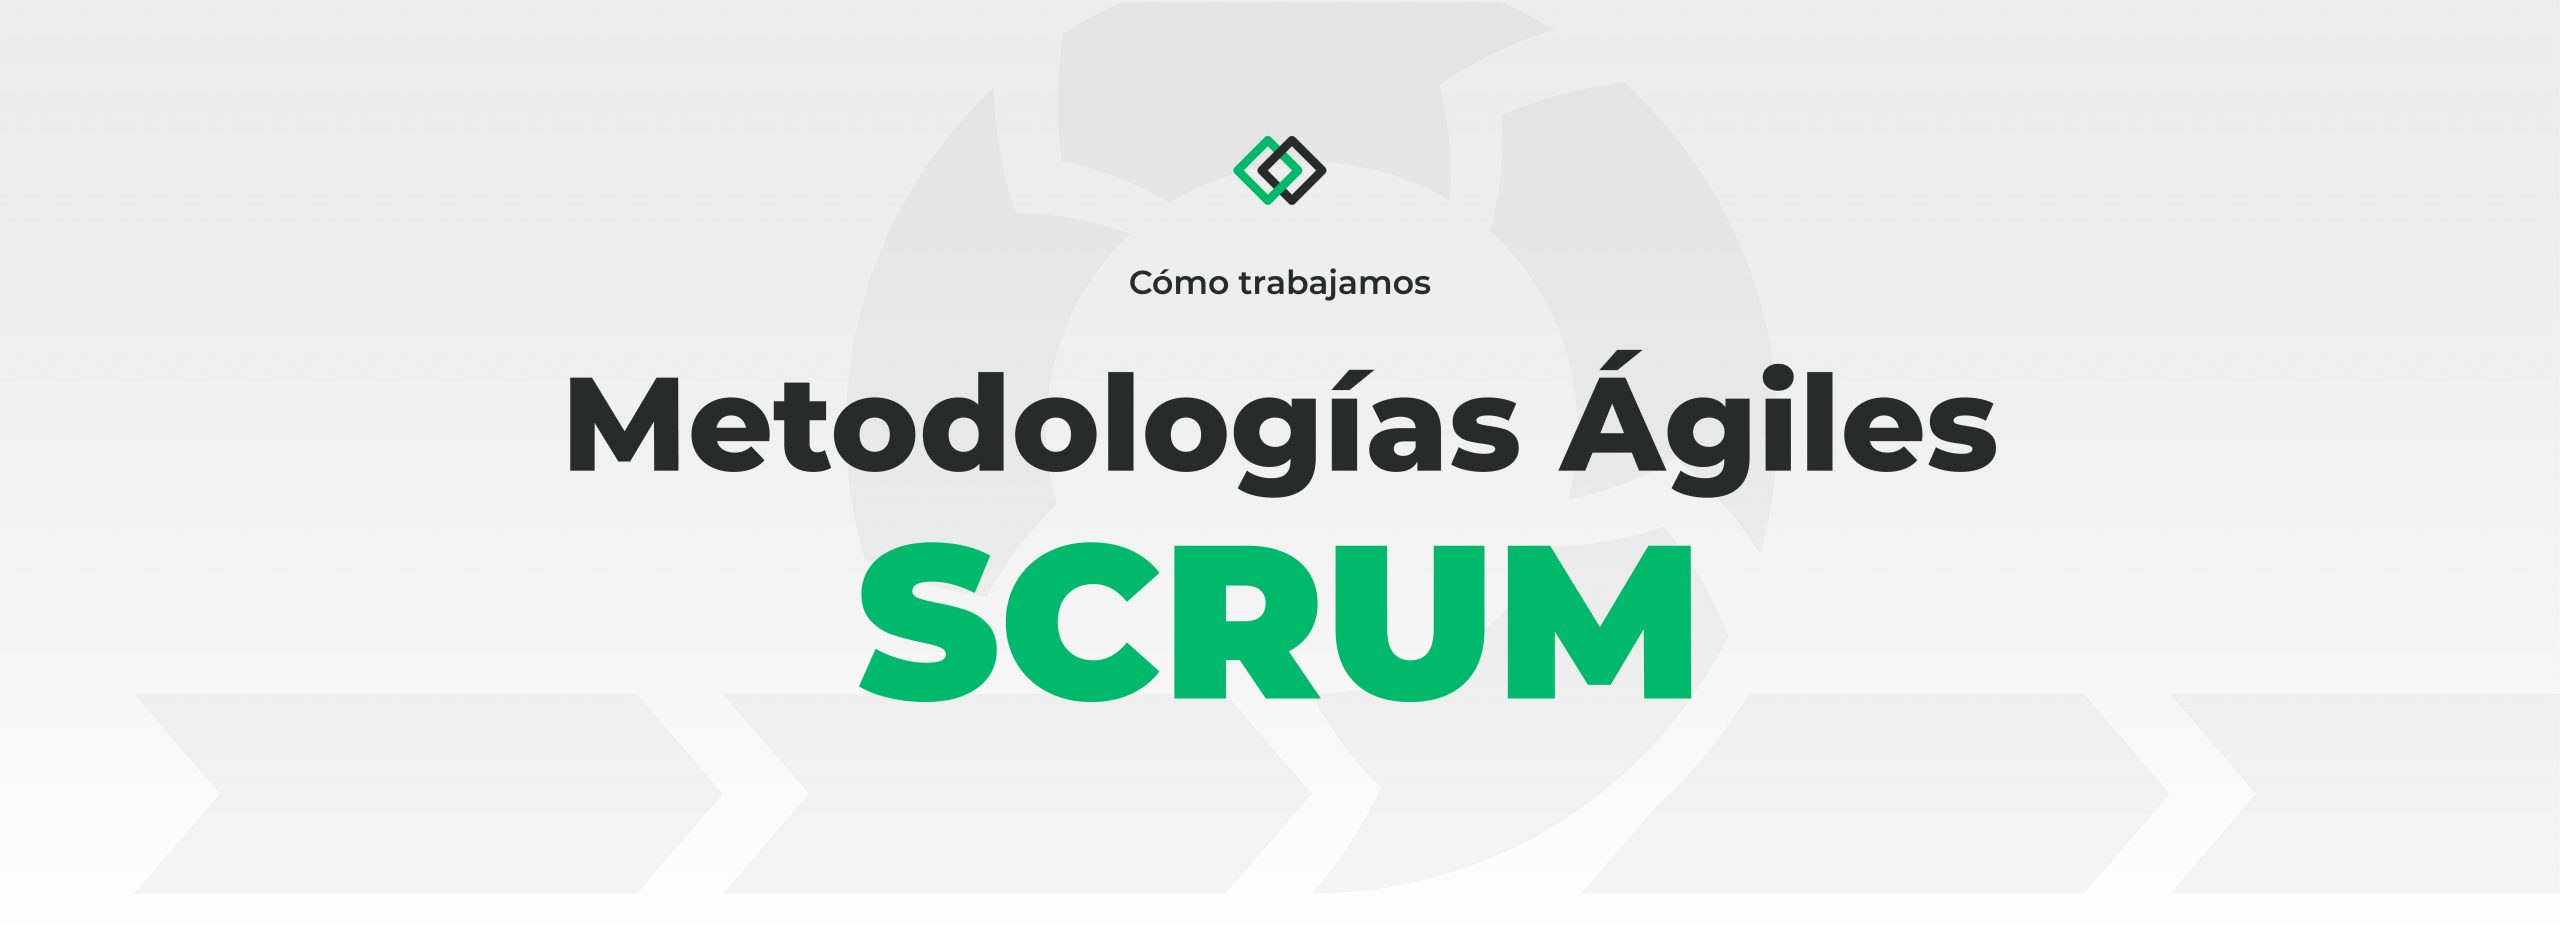 Metodologías ágiles y Scrum: cómo funcionan y por qué las elegimos